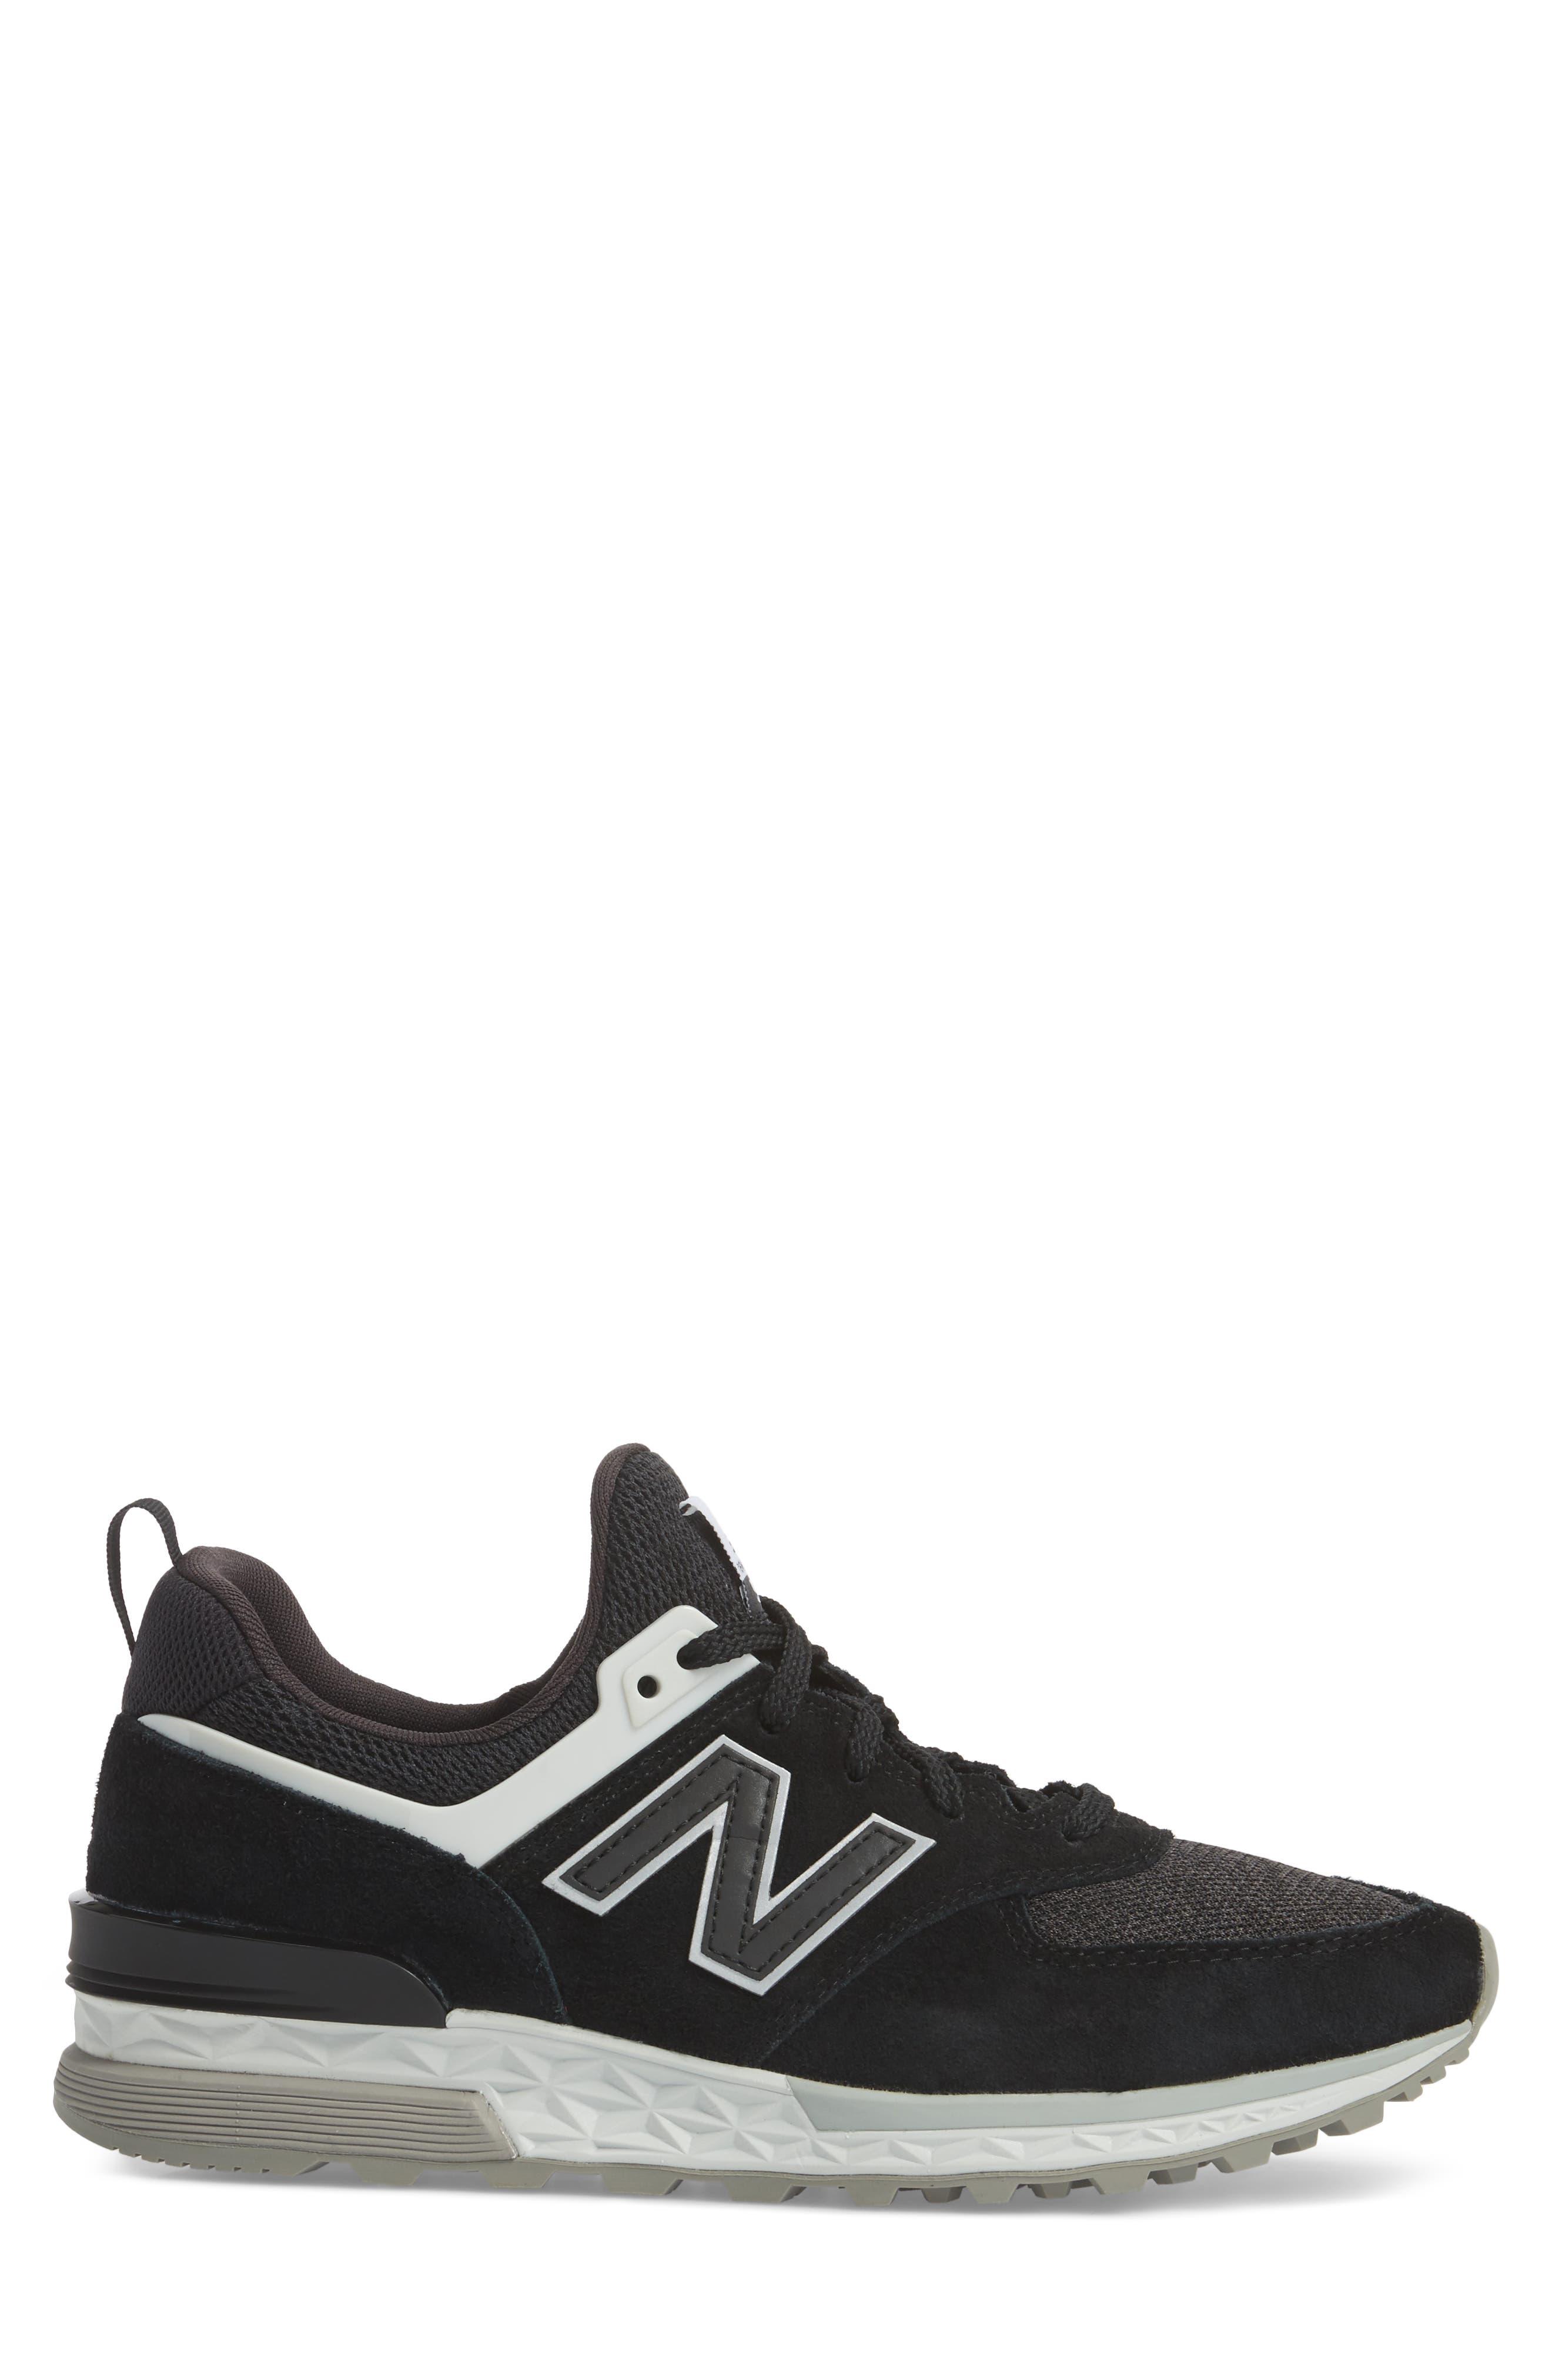 574 Sport Sneaker,                             Alternate thumbnail 3, color,                             004